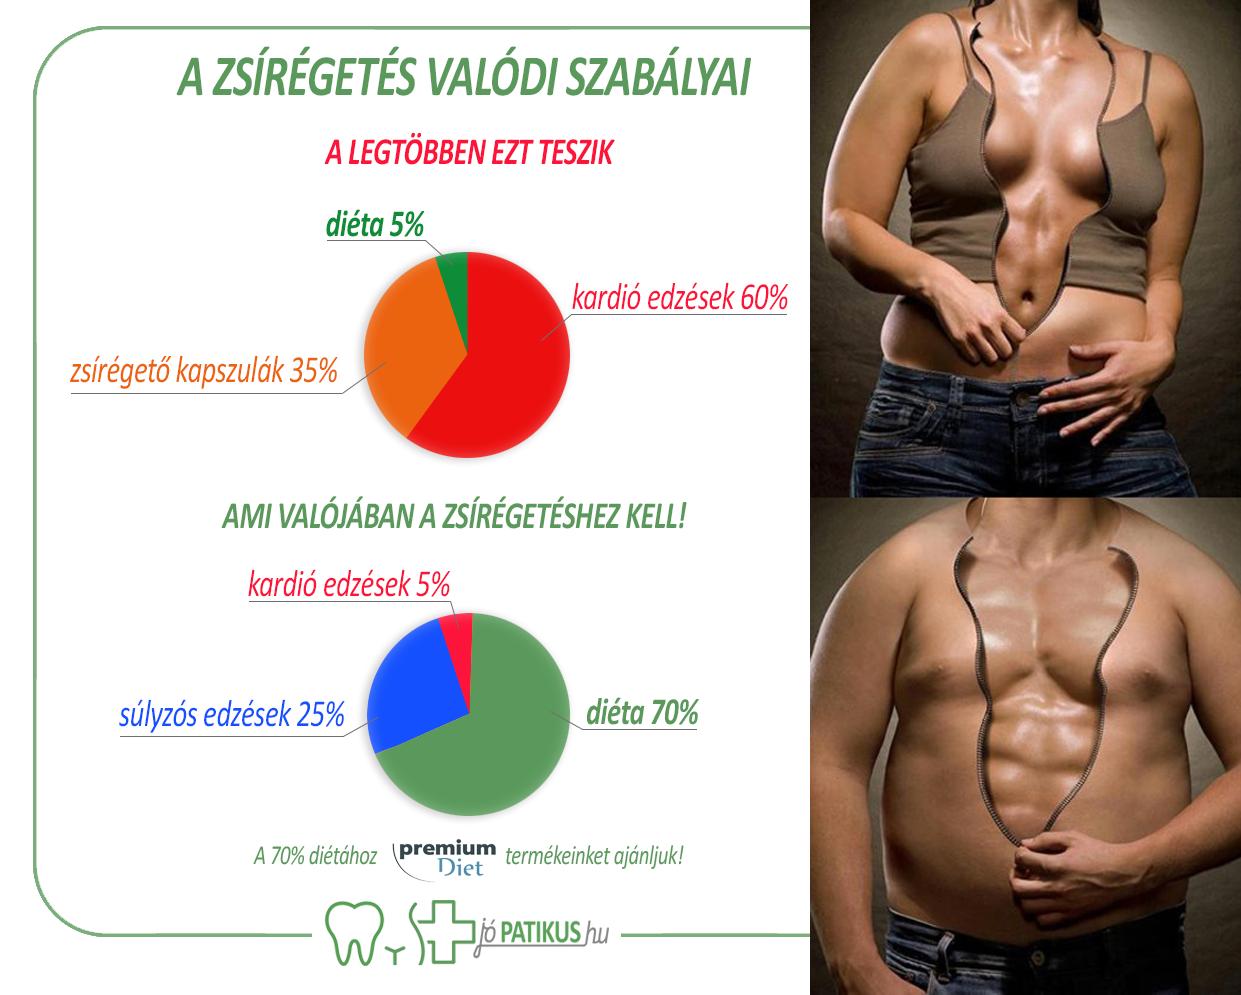 hogyan lehet elveszíteni az állkapocs zsír alatt a legjobb zsírégetés súlyokkal